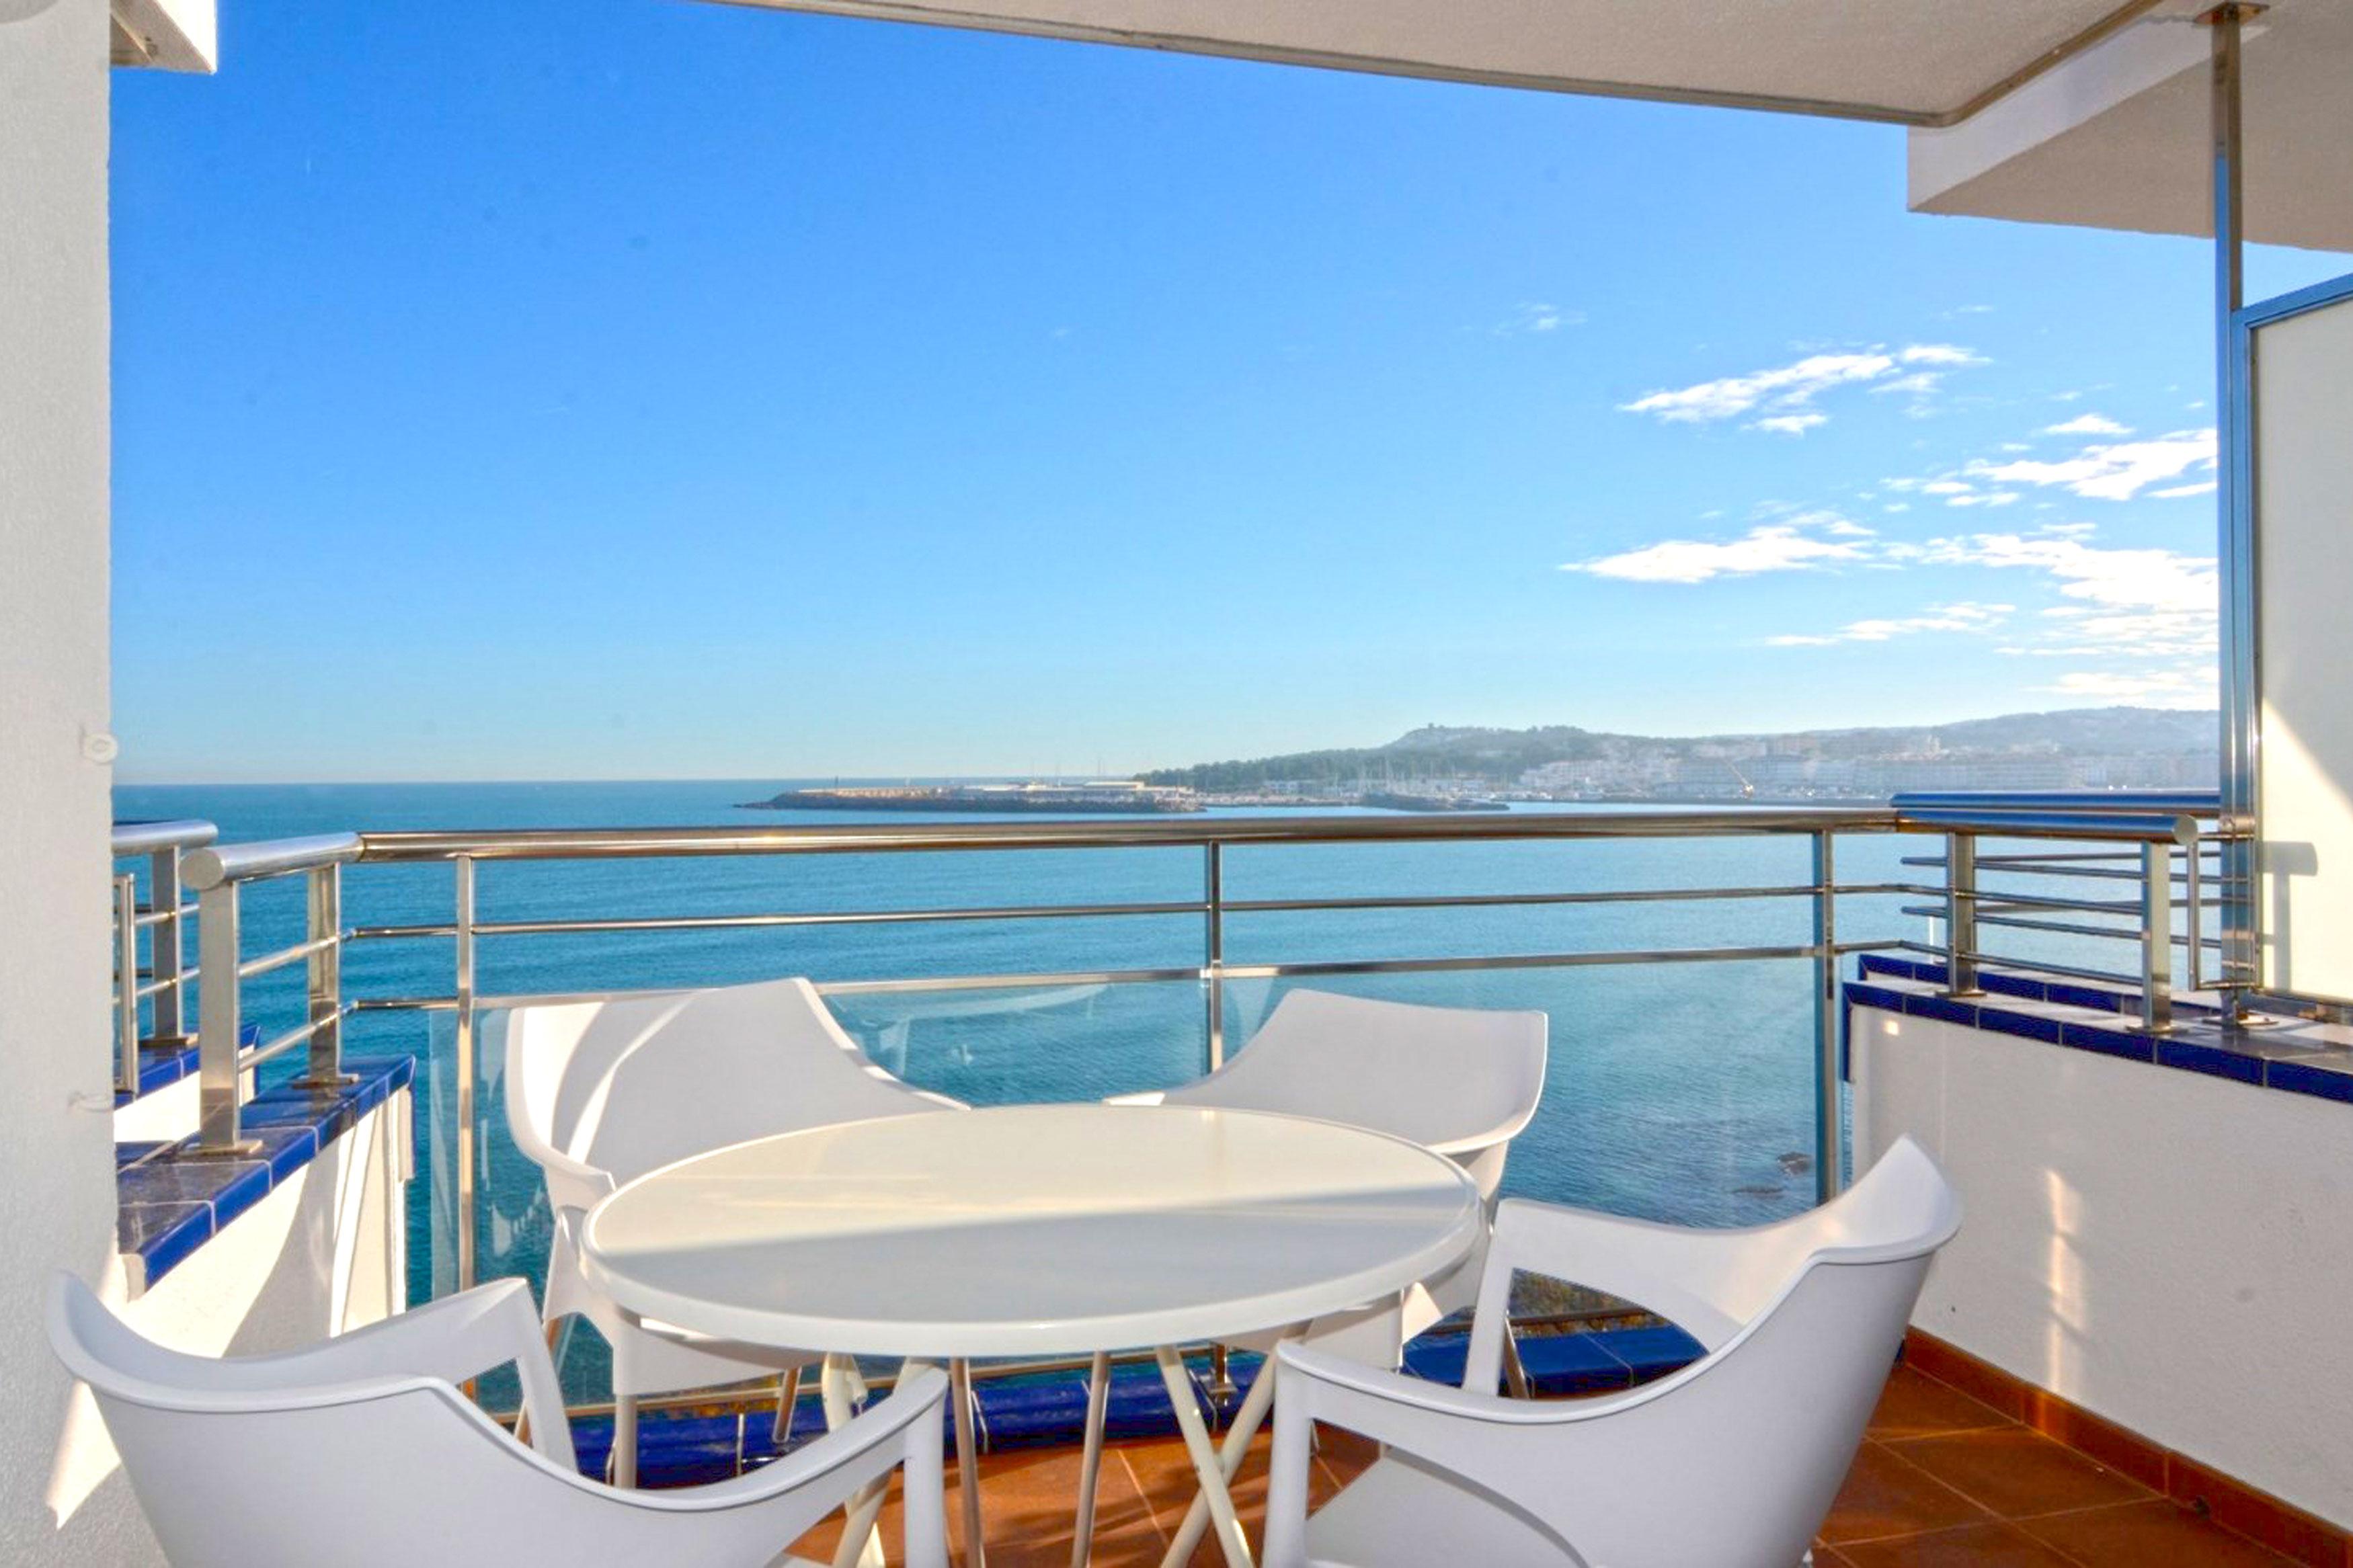 Vistamar l'Escala uitzicht op zee